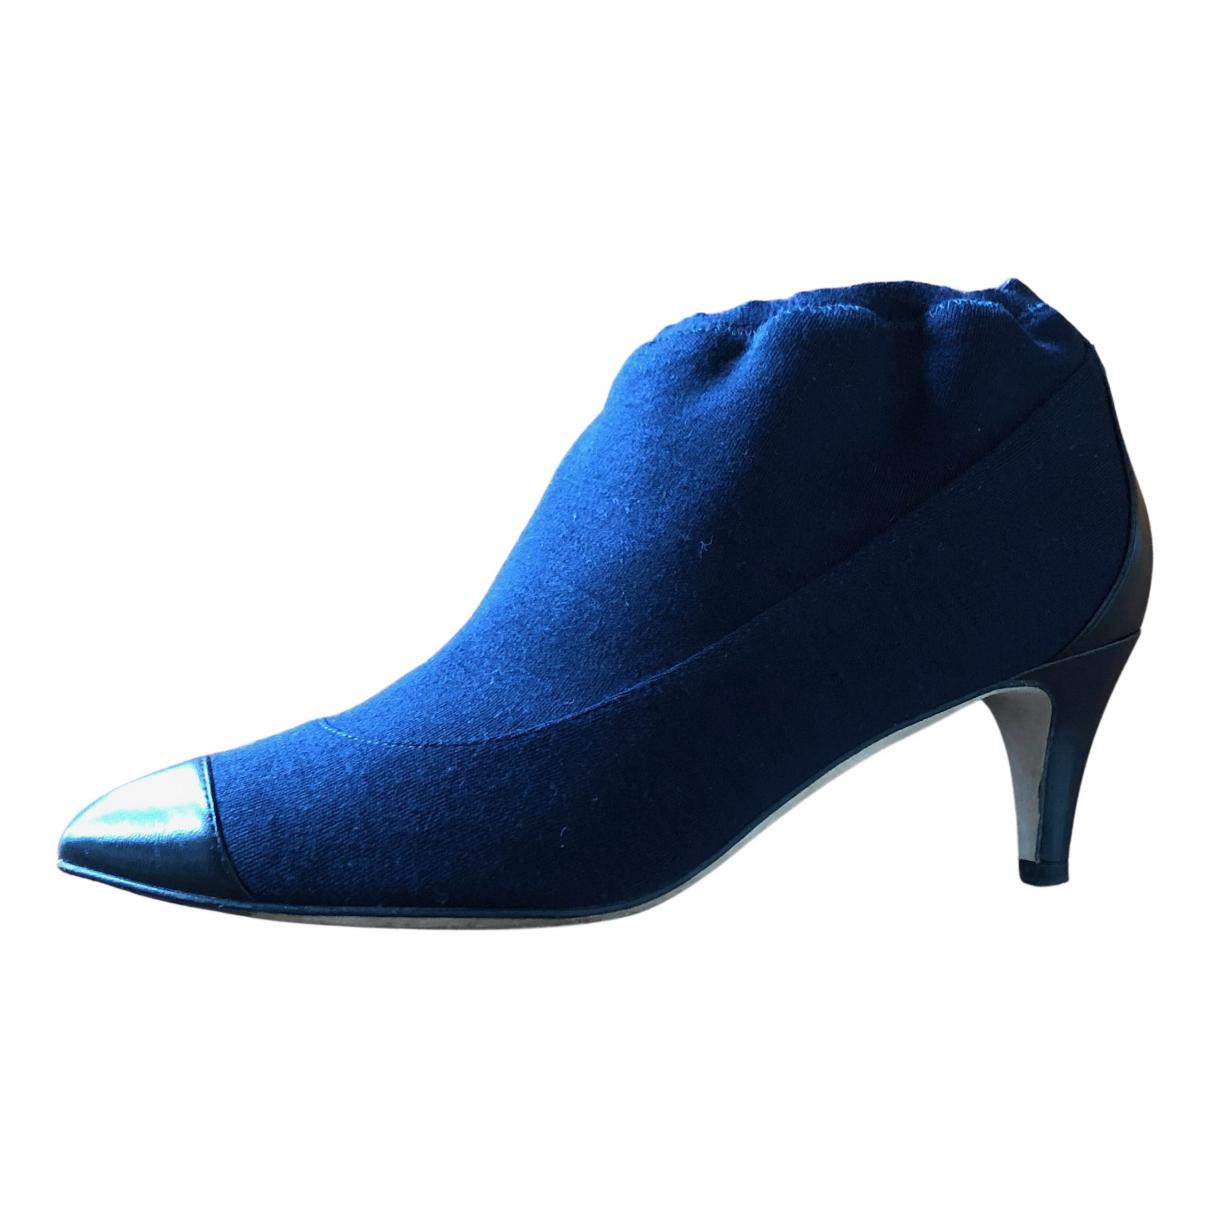 Chanel \N Stiefeletten in  Blau Veloursleder